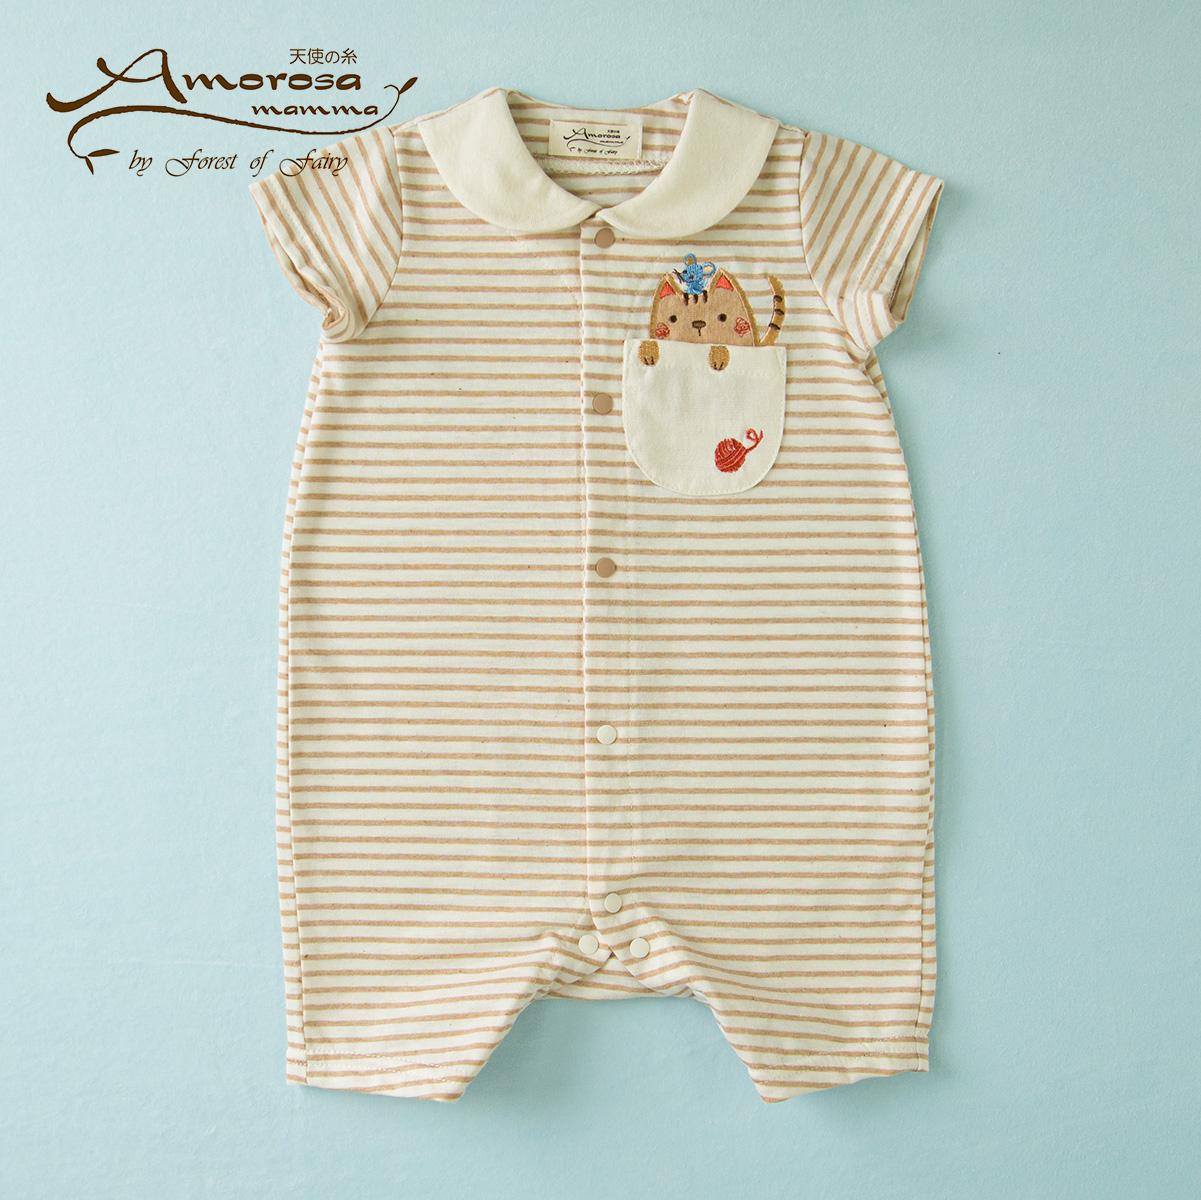 ポケットサイズネコとネズミの半袖カバーオール(オーガニック) w-YA001 (ベビー服)